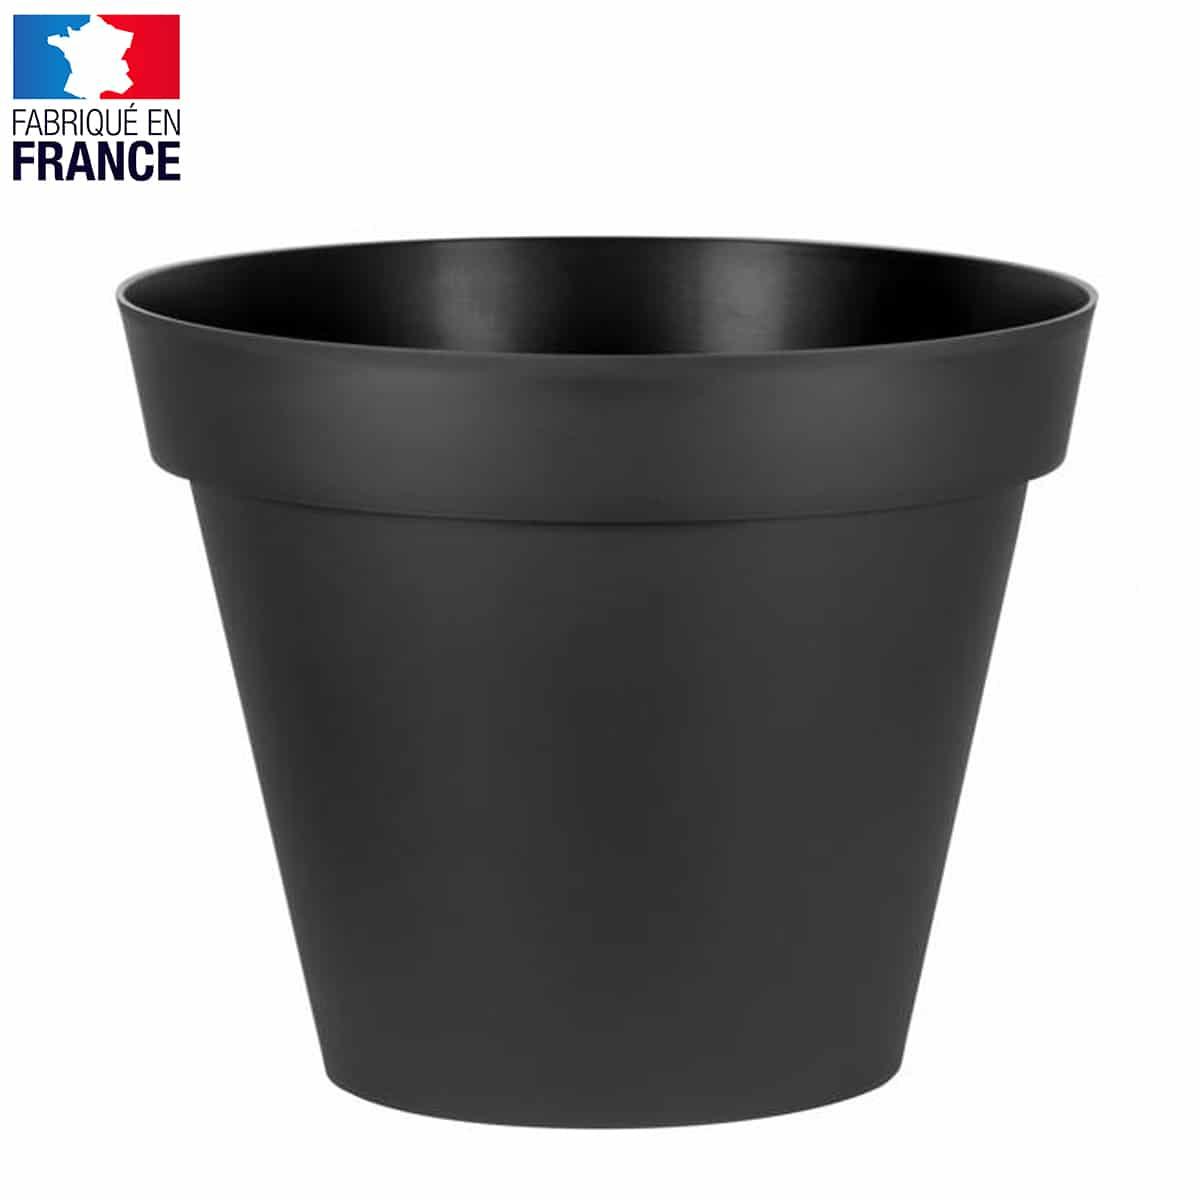 Grand Pot De Fleurs Xxl Gris - Diam. 100Cm X Haut. 80Cm 365L à Grand Pot Pour Jardin